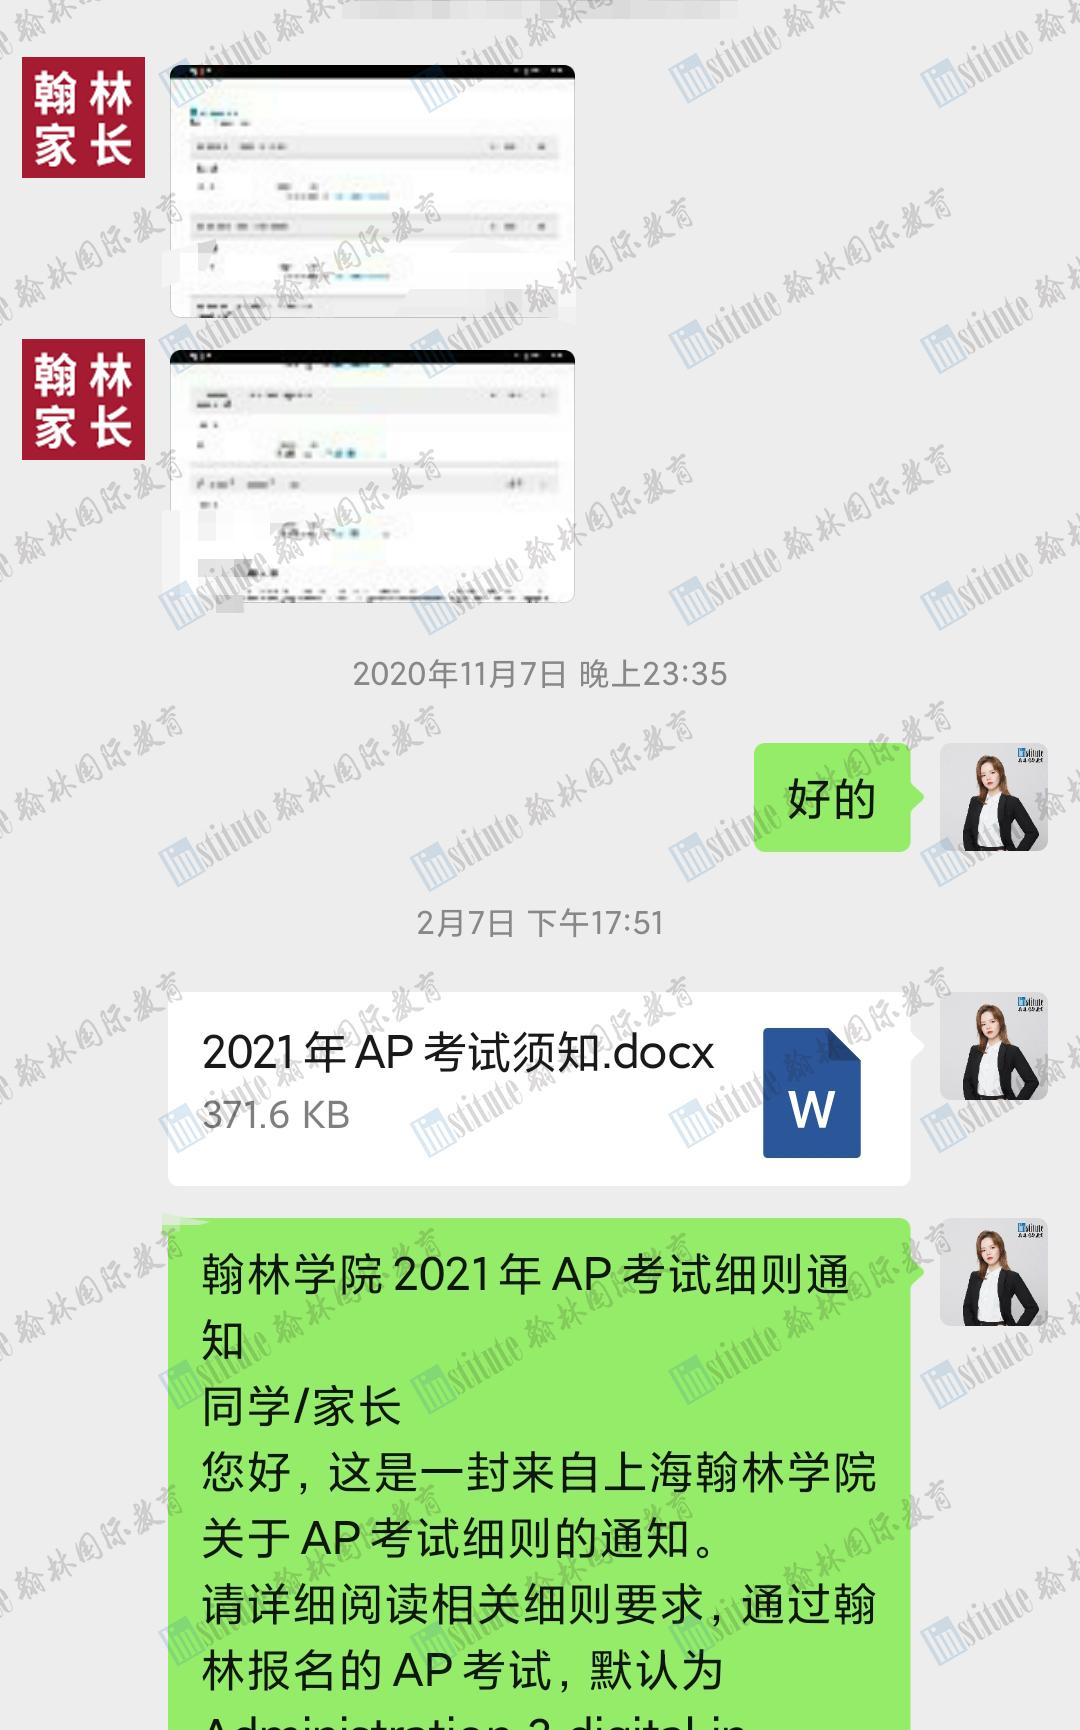 CB拍了拍深圳的AP考生,并向你推荐了翰林AP线下考点!